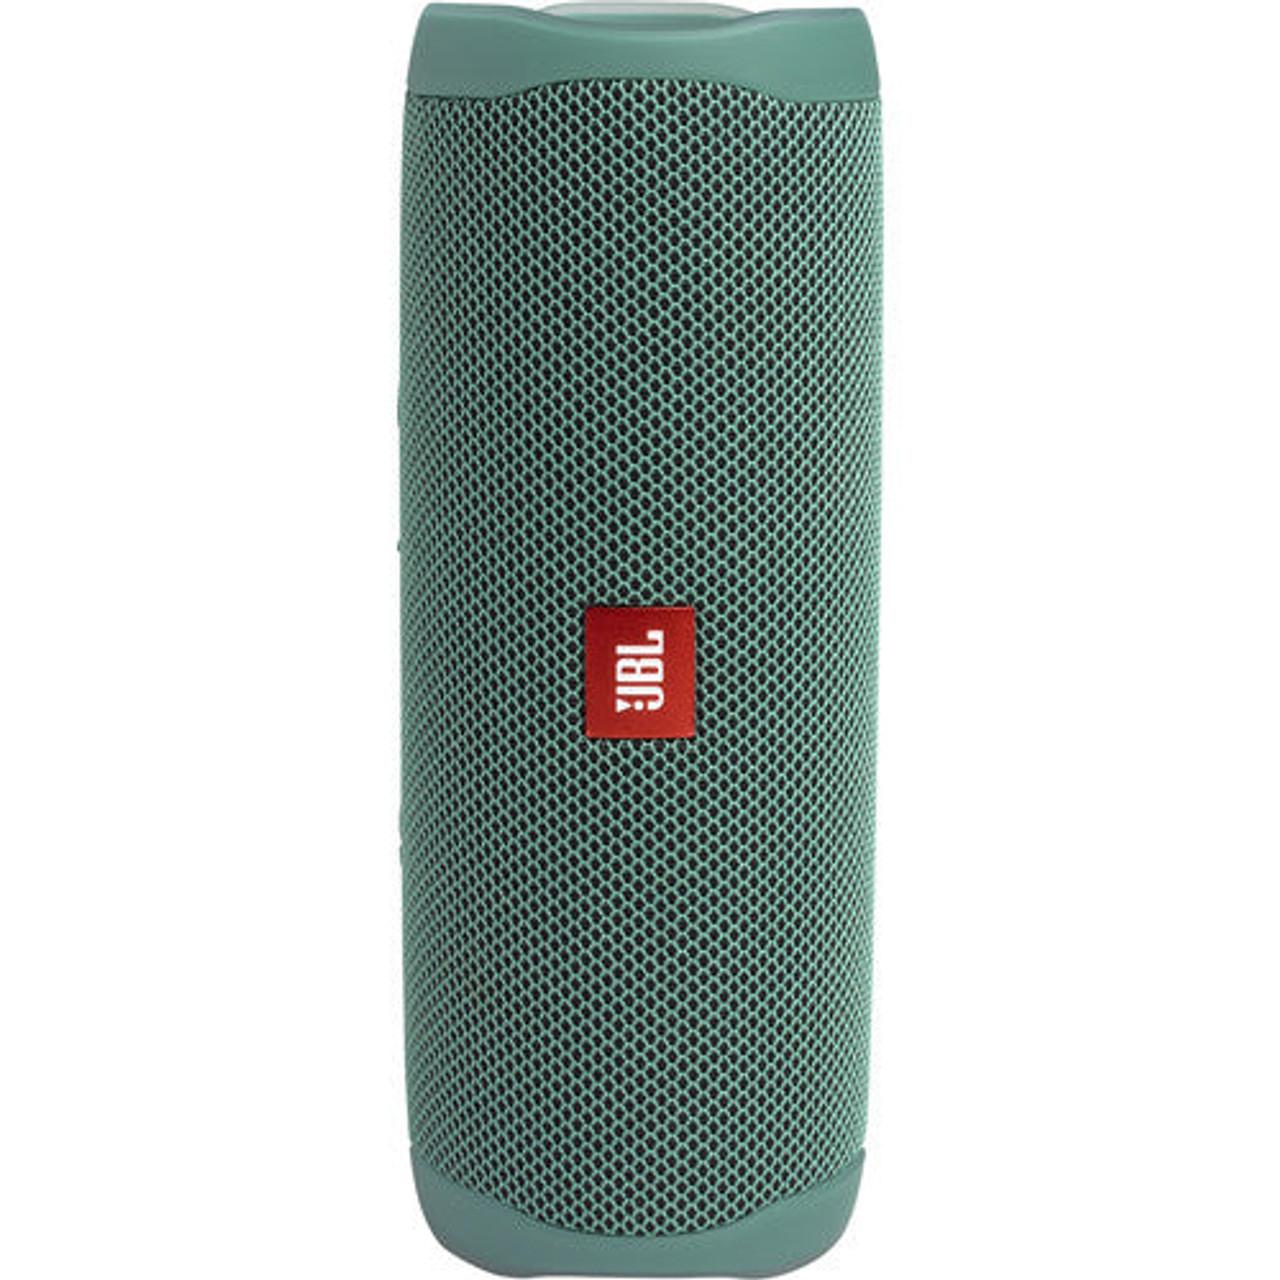 JBL JBLFLIP5ECOGRNAM-Z Flip 5 Bluetooth Speaker Eco Green -Certified Refurbished